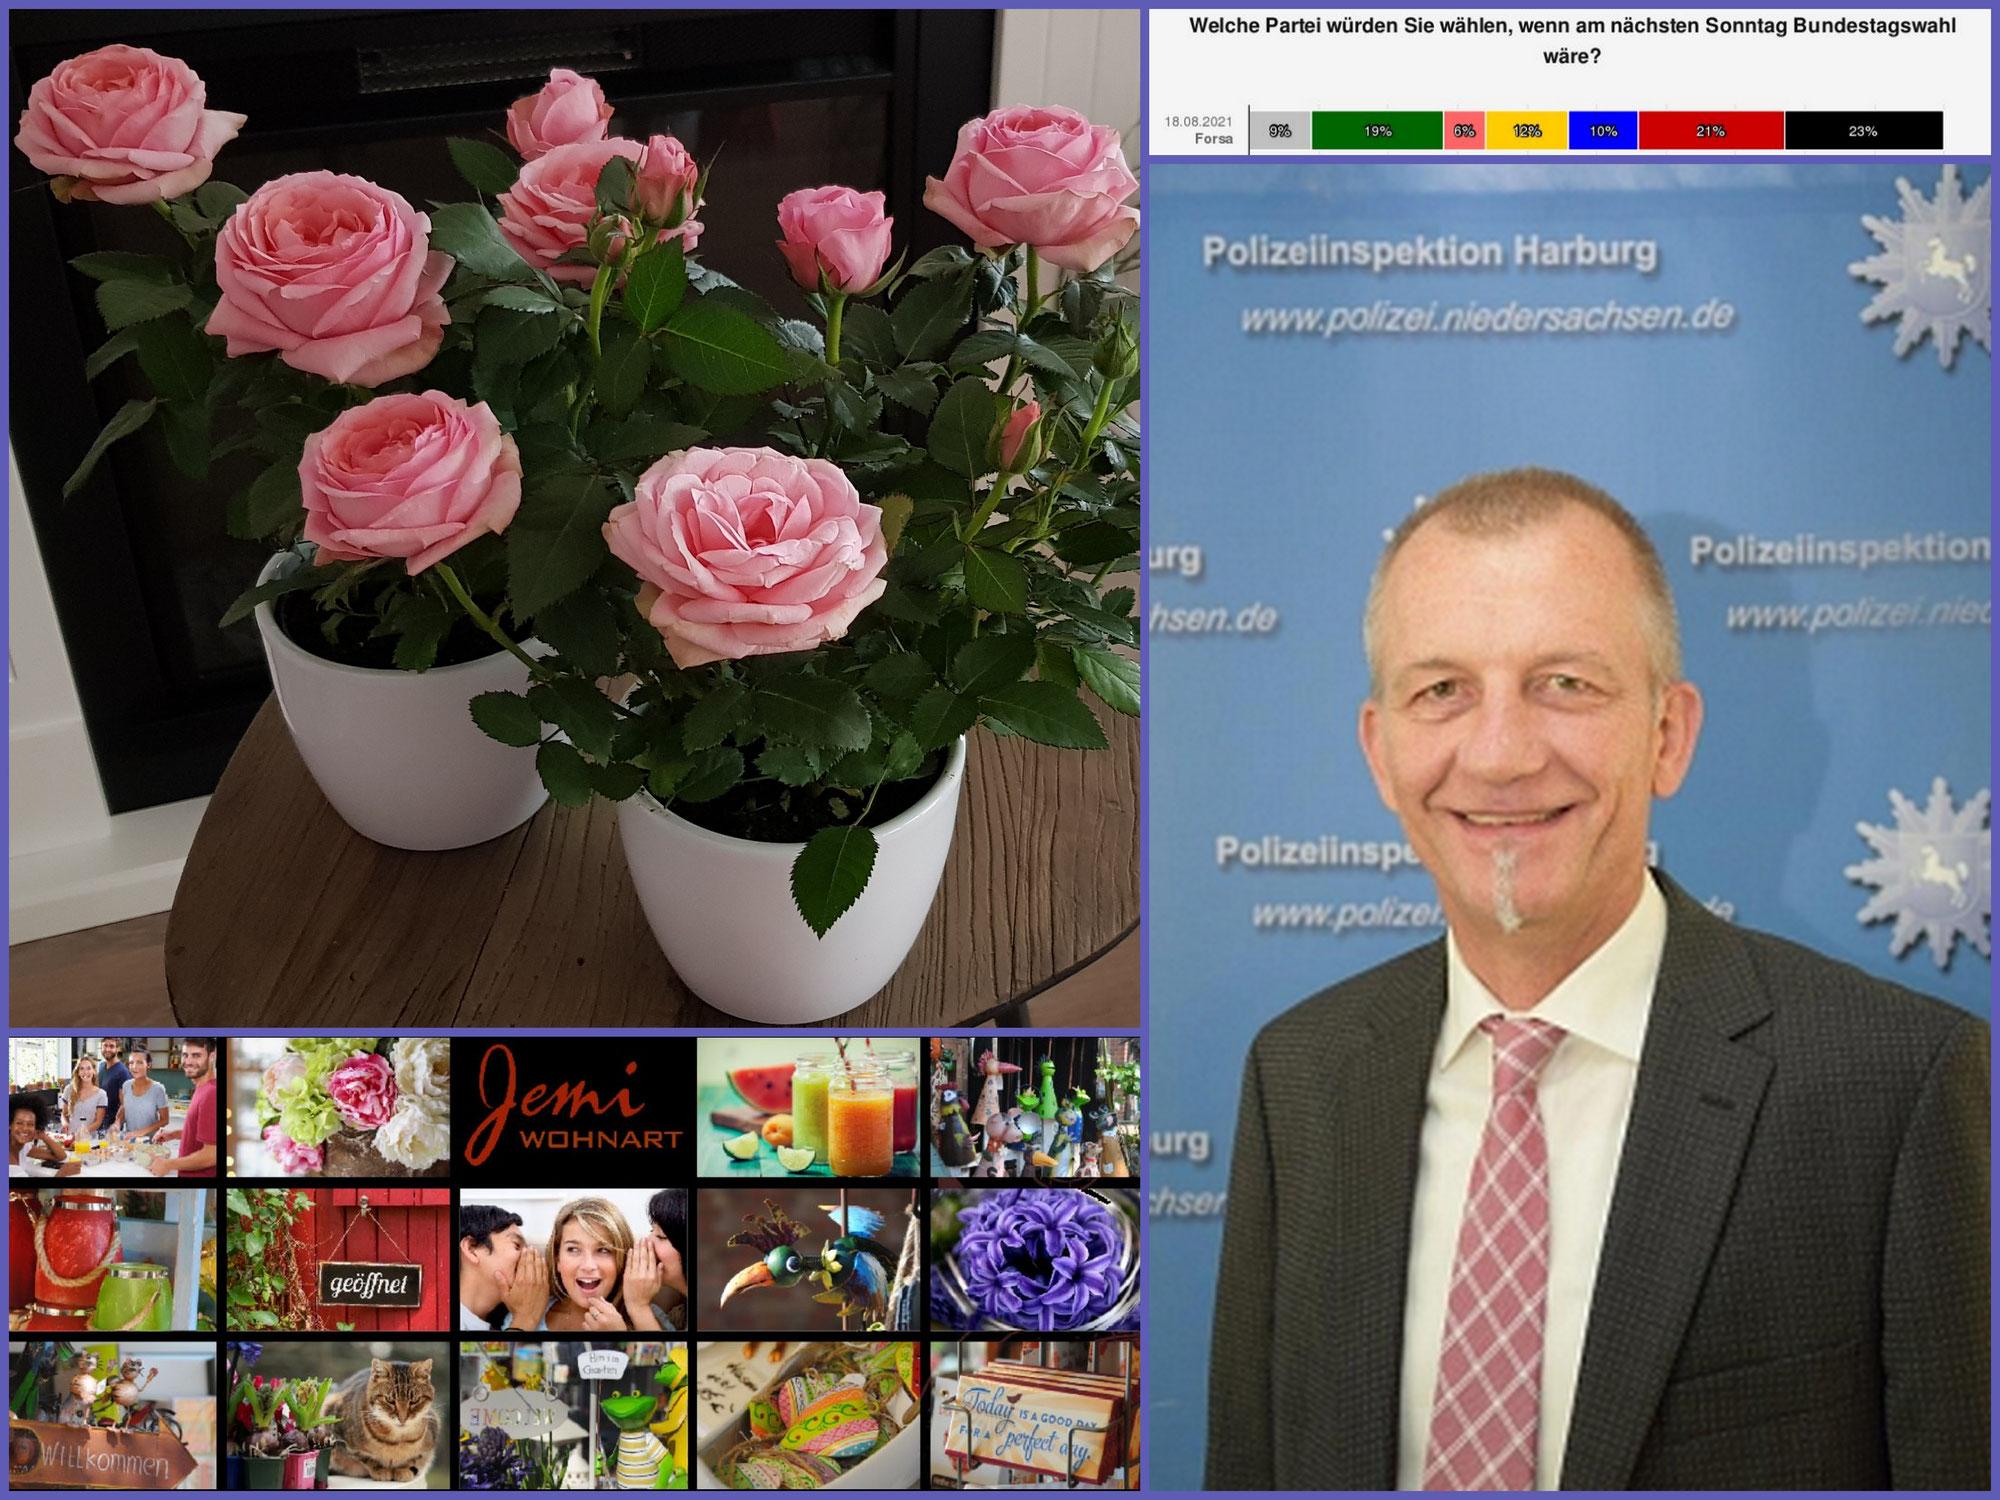 """Rosen und andere schöne Dinge von """"Jemi-Wohnart"""", Warnung vor Telefon-und Internetabzocke, und das Parteien-Dilemma zur Bundestagswahl!"""